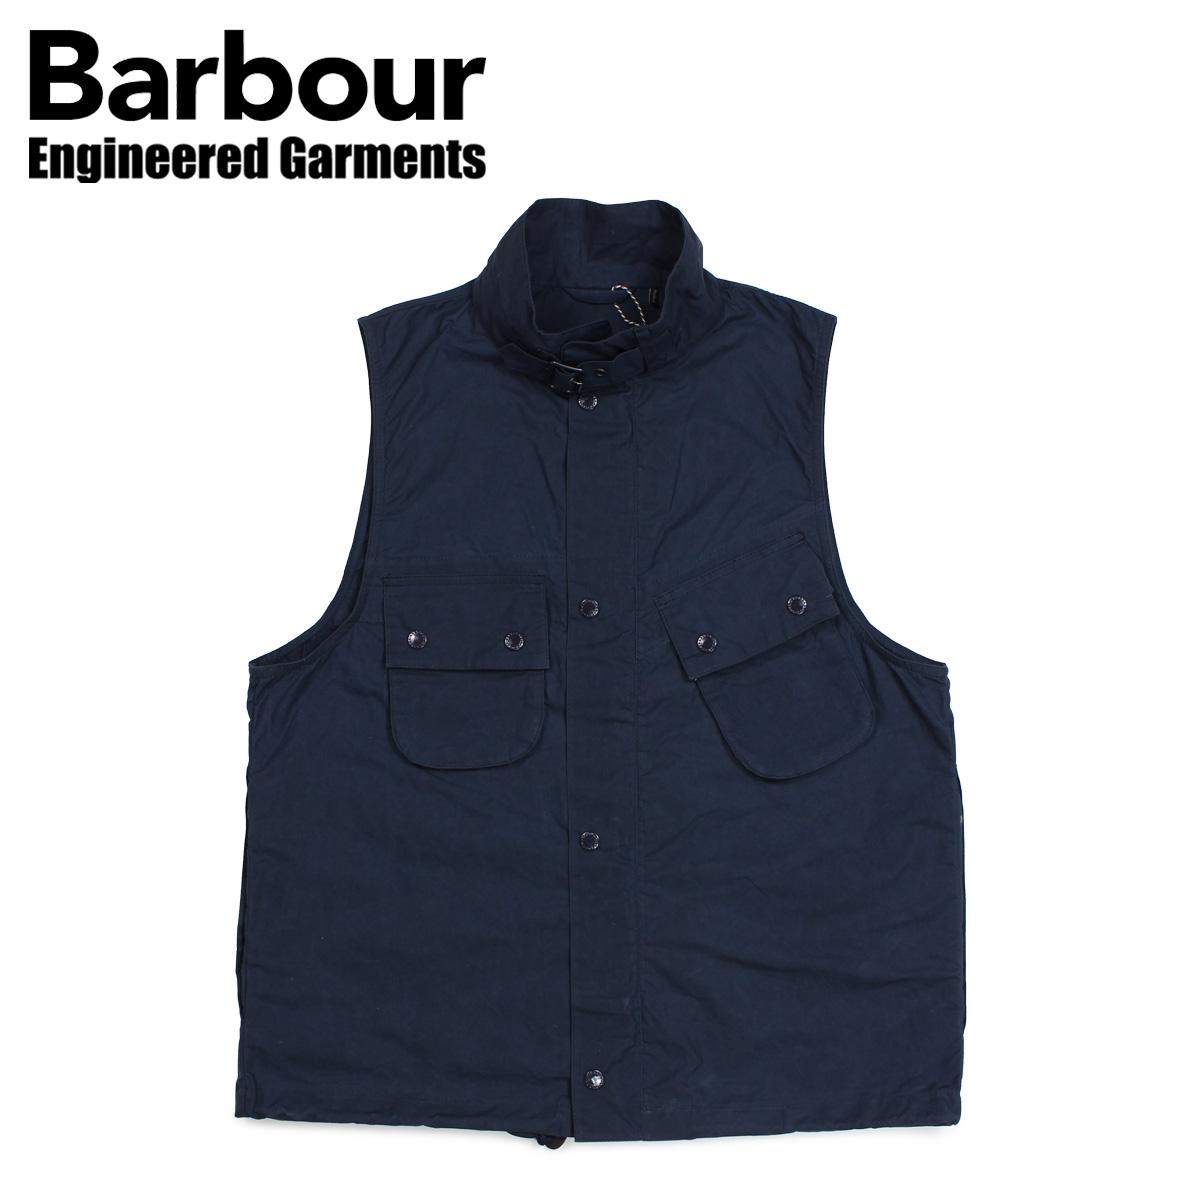 Barbour バブアー エンジニアドガーメンツ ENGINEERED GARMENTS ベスト ジレ メンズ アーサー ARTHUR GILET コラボ ネイビー MGI0045NY71